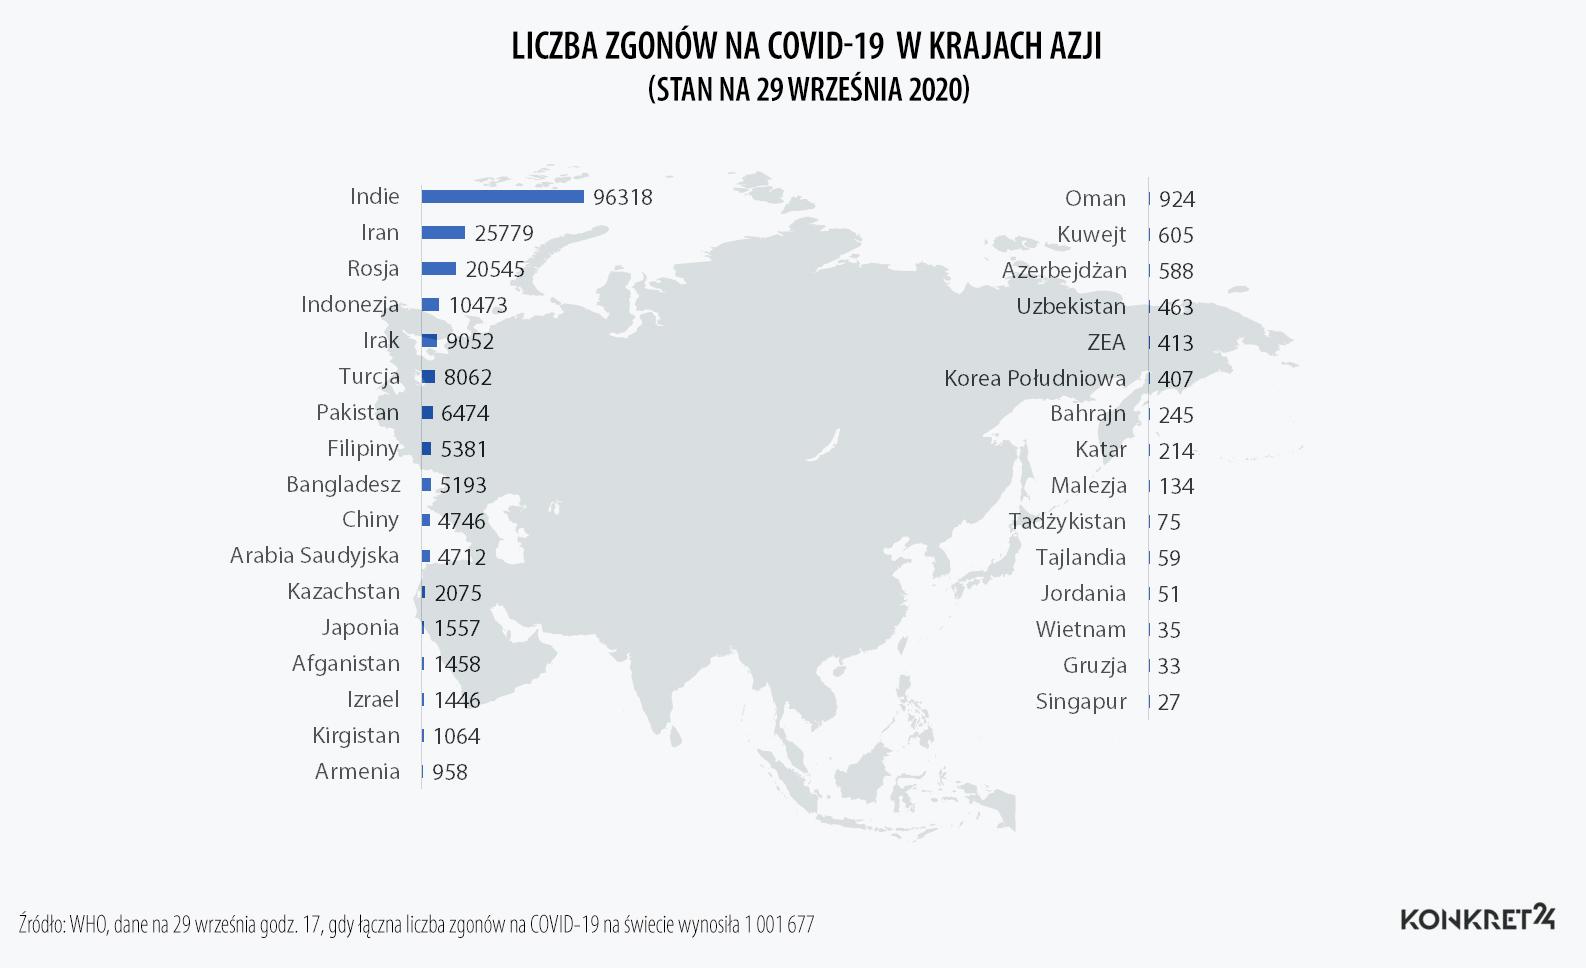 Liczba zgonów na COVID-19 w krajach Azji (stan na 29 września 2020)